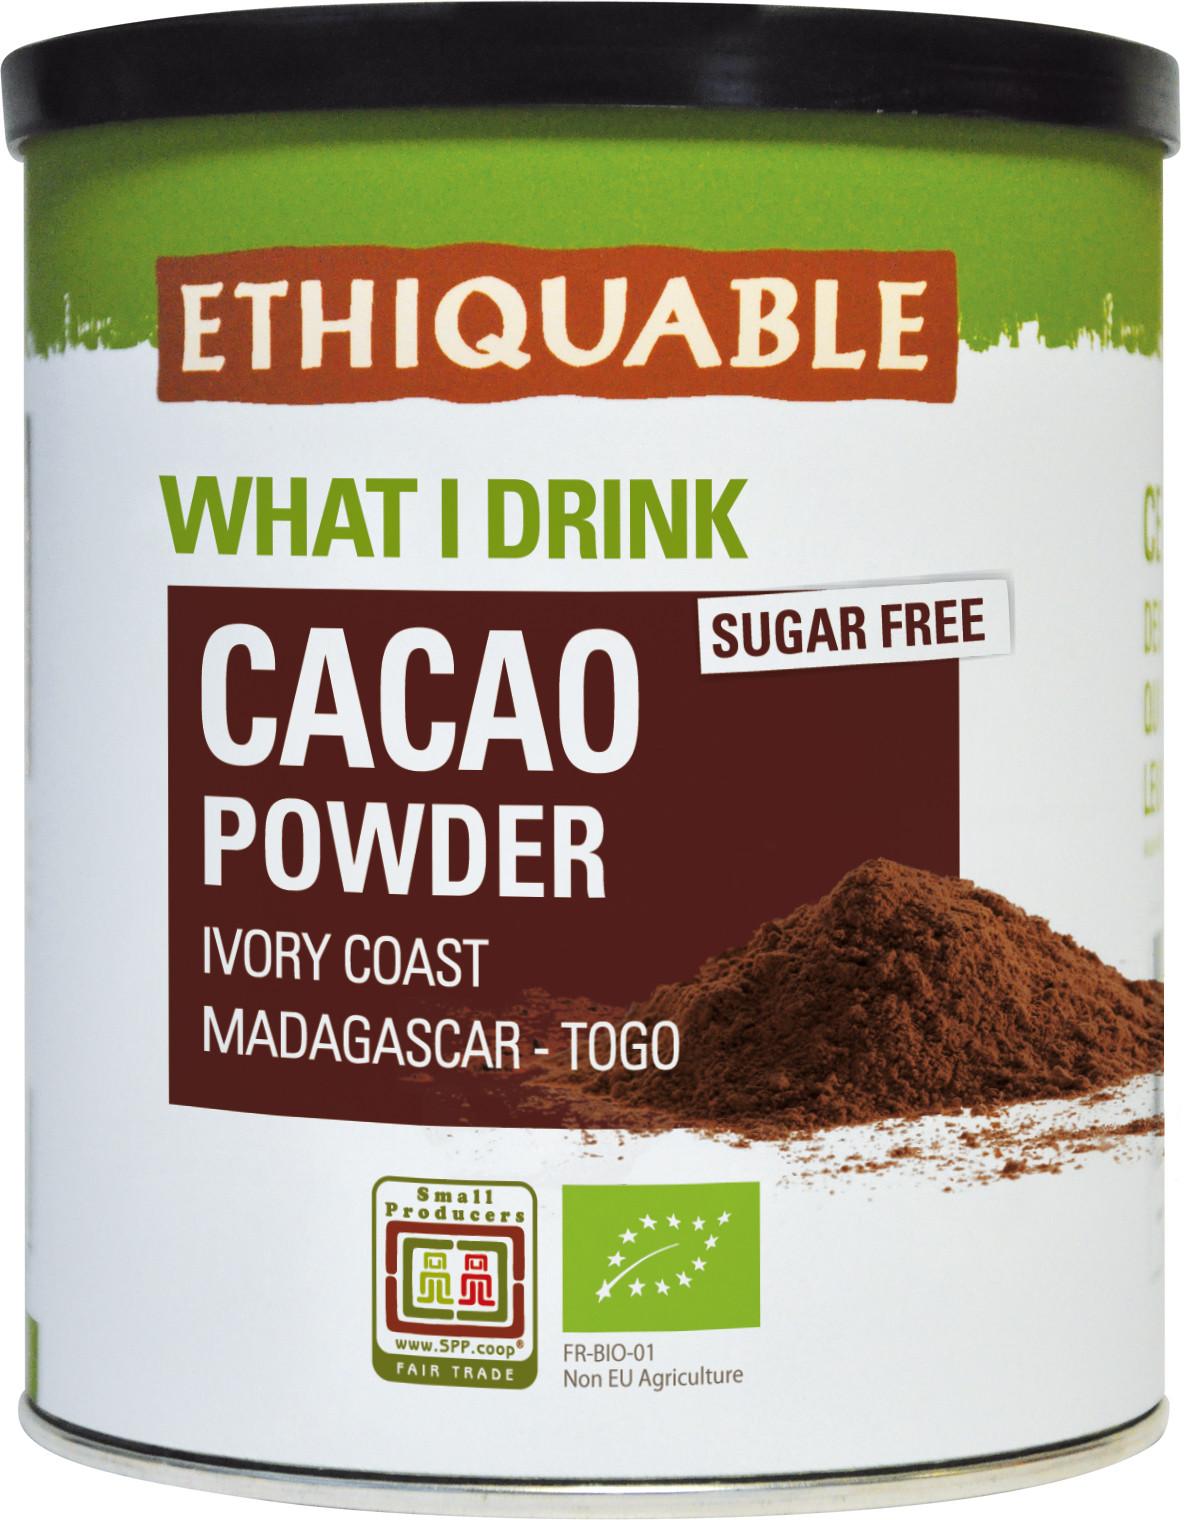 Cacao en poudre | Commerce équitable - Entreprise Coopérative Ethiquable